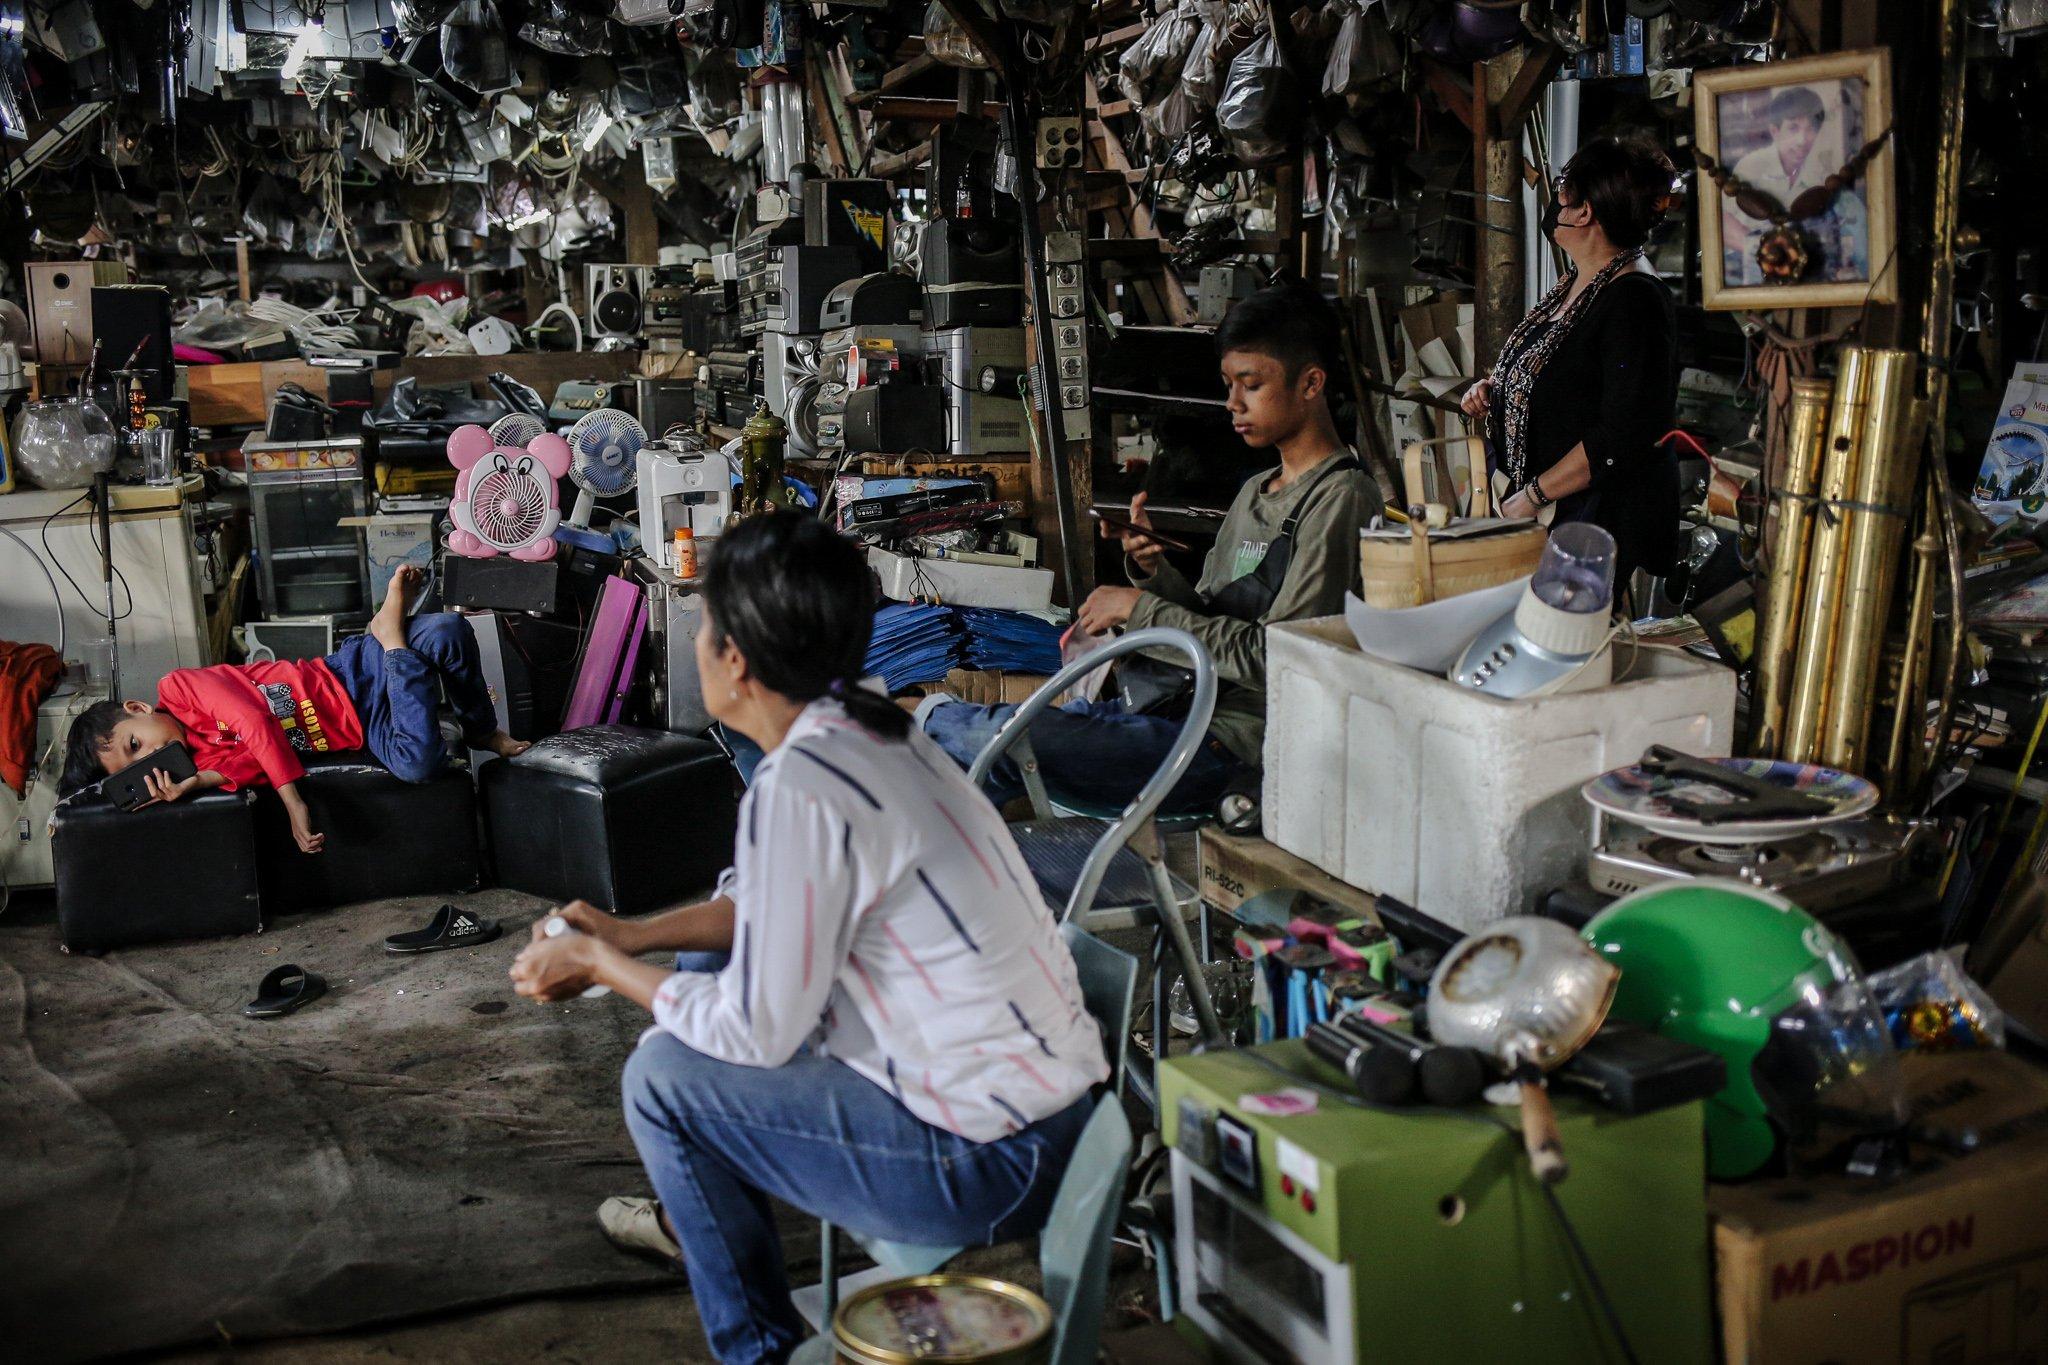 Pekerja menjaga barang-barang yang digantung di Mal Rongsok Beji, Depok, Jawa Barat, Jumat, (17/9/2021). Selama masa pandemi Covid-19, sekitar 82,9% pelaku UMKM alami penurunan omzet. pemilik Mal Rongsok itu juga mengaku demikian.